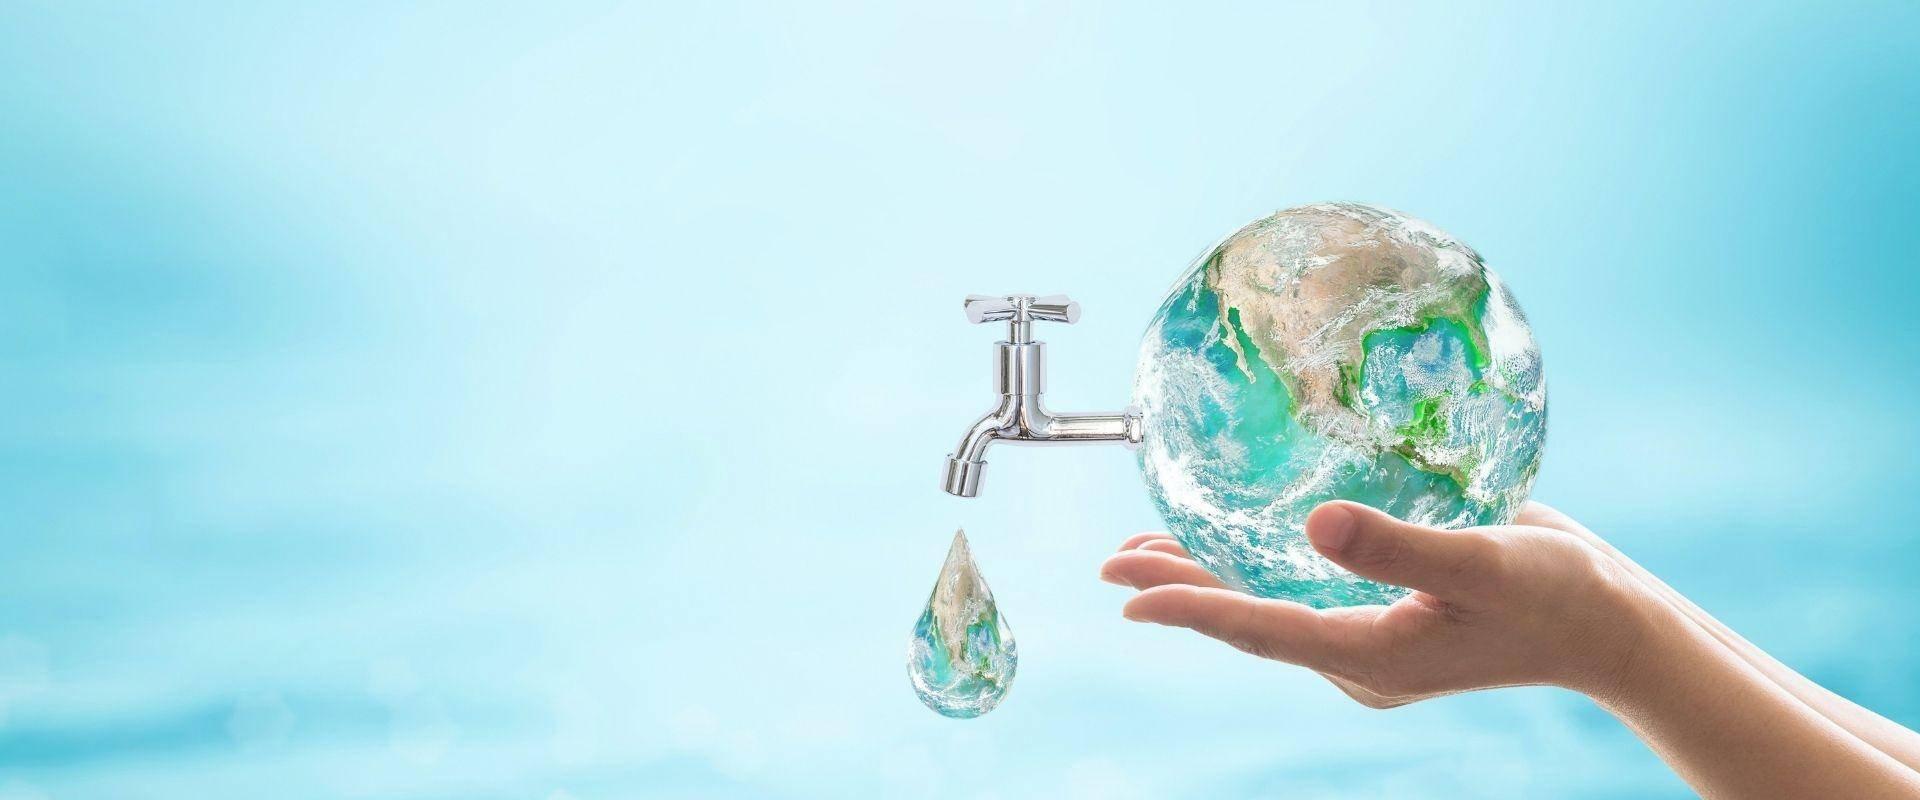 Limitare i consumi dell'acqua è possibile? SECONDA E ULTIMA PARTE: Immagine